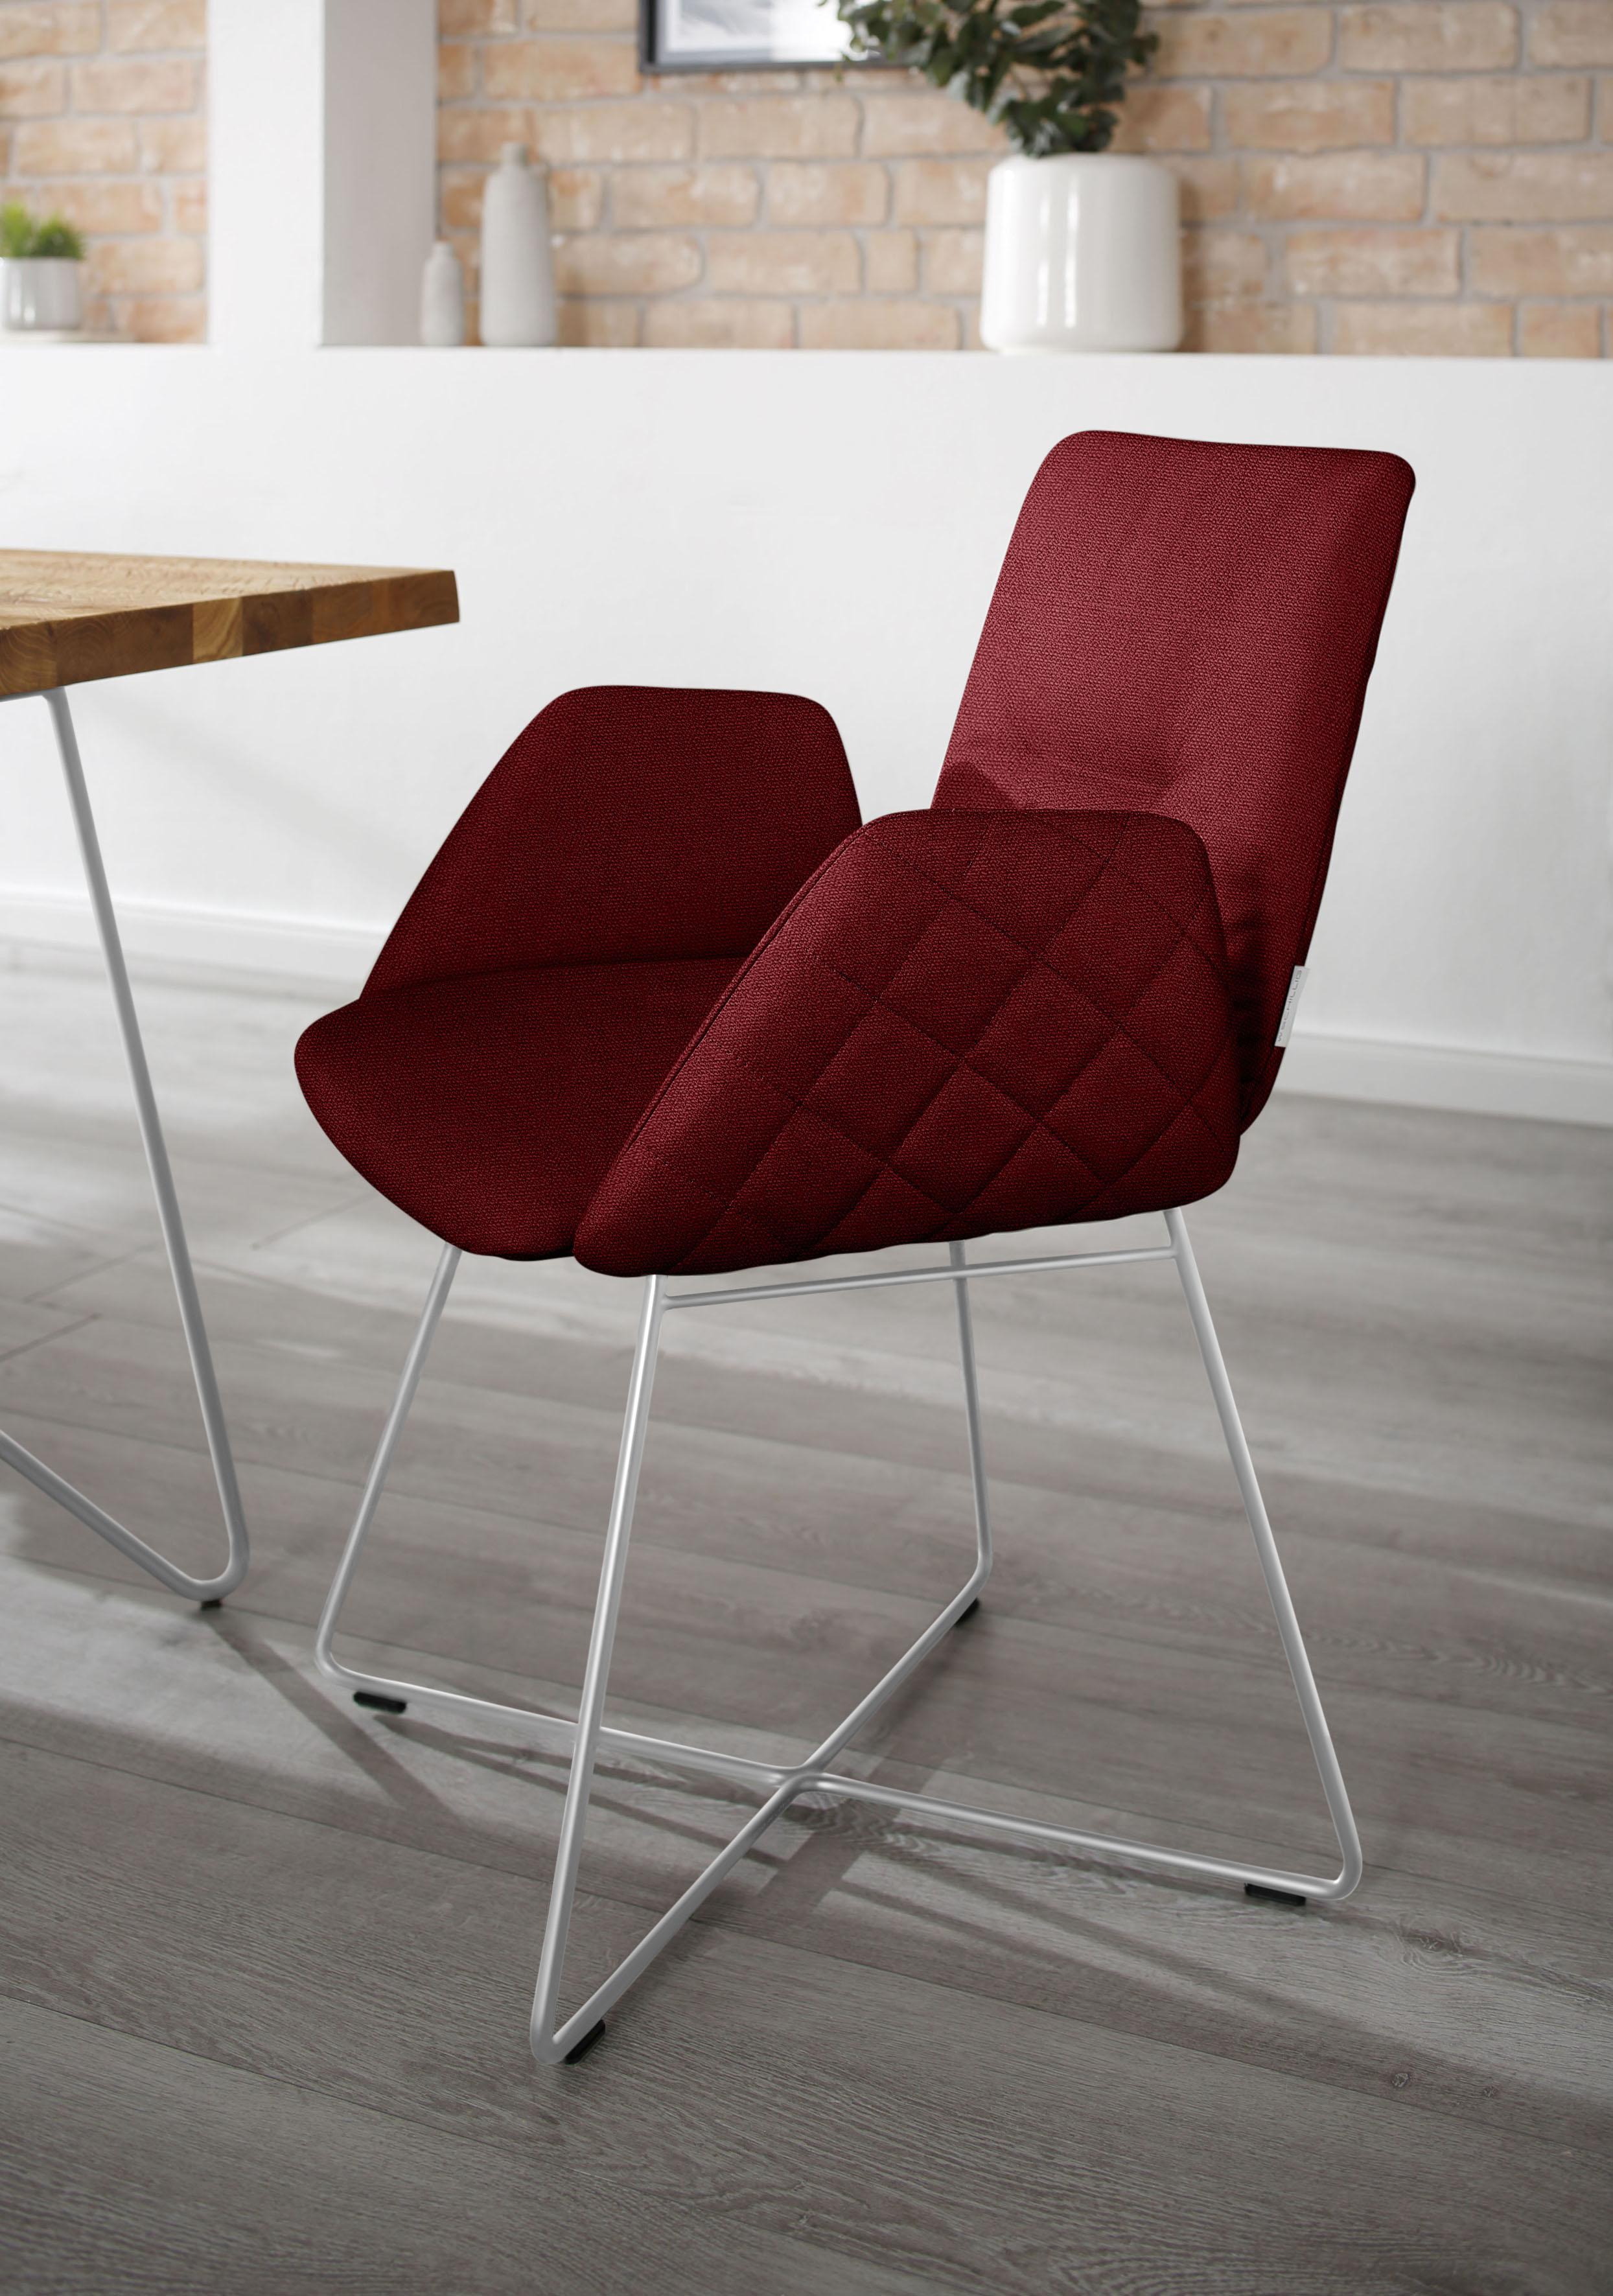 W.SCHILLIG Armlehnstuhl lotta | Küche und Esszimmer > Stühle und Hocker > Armlehnstühle | W.Schillig